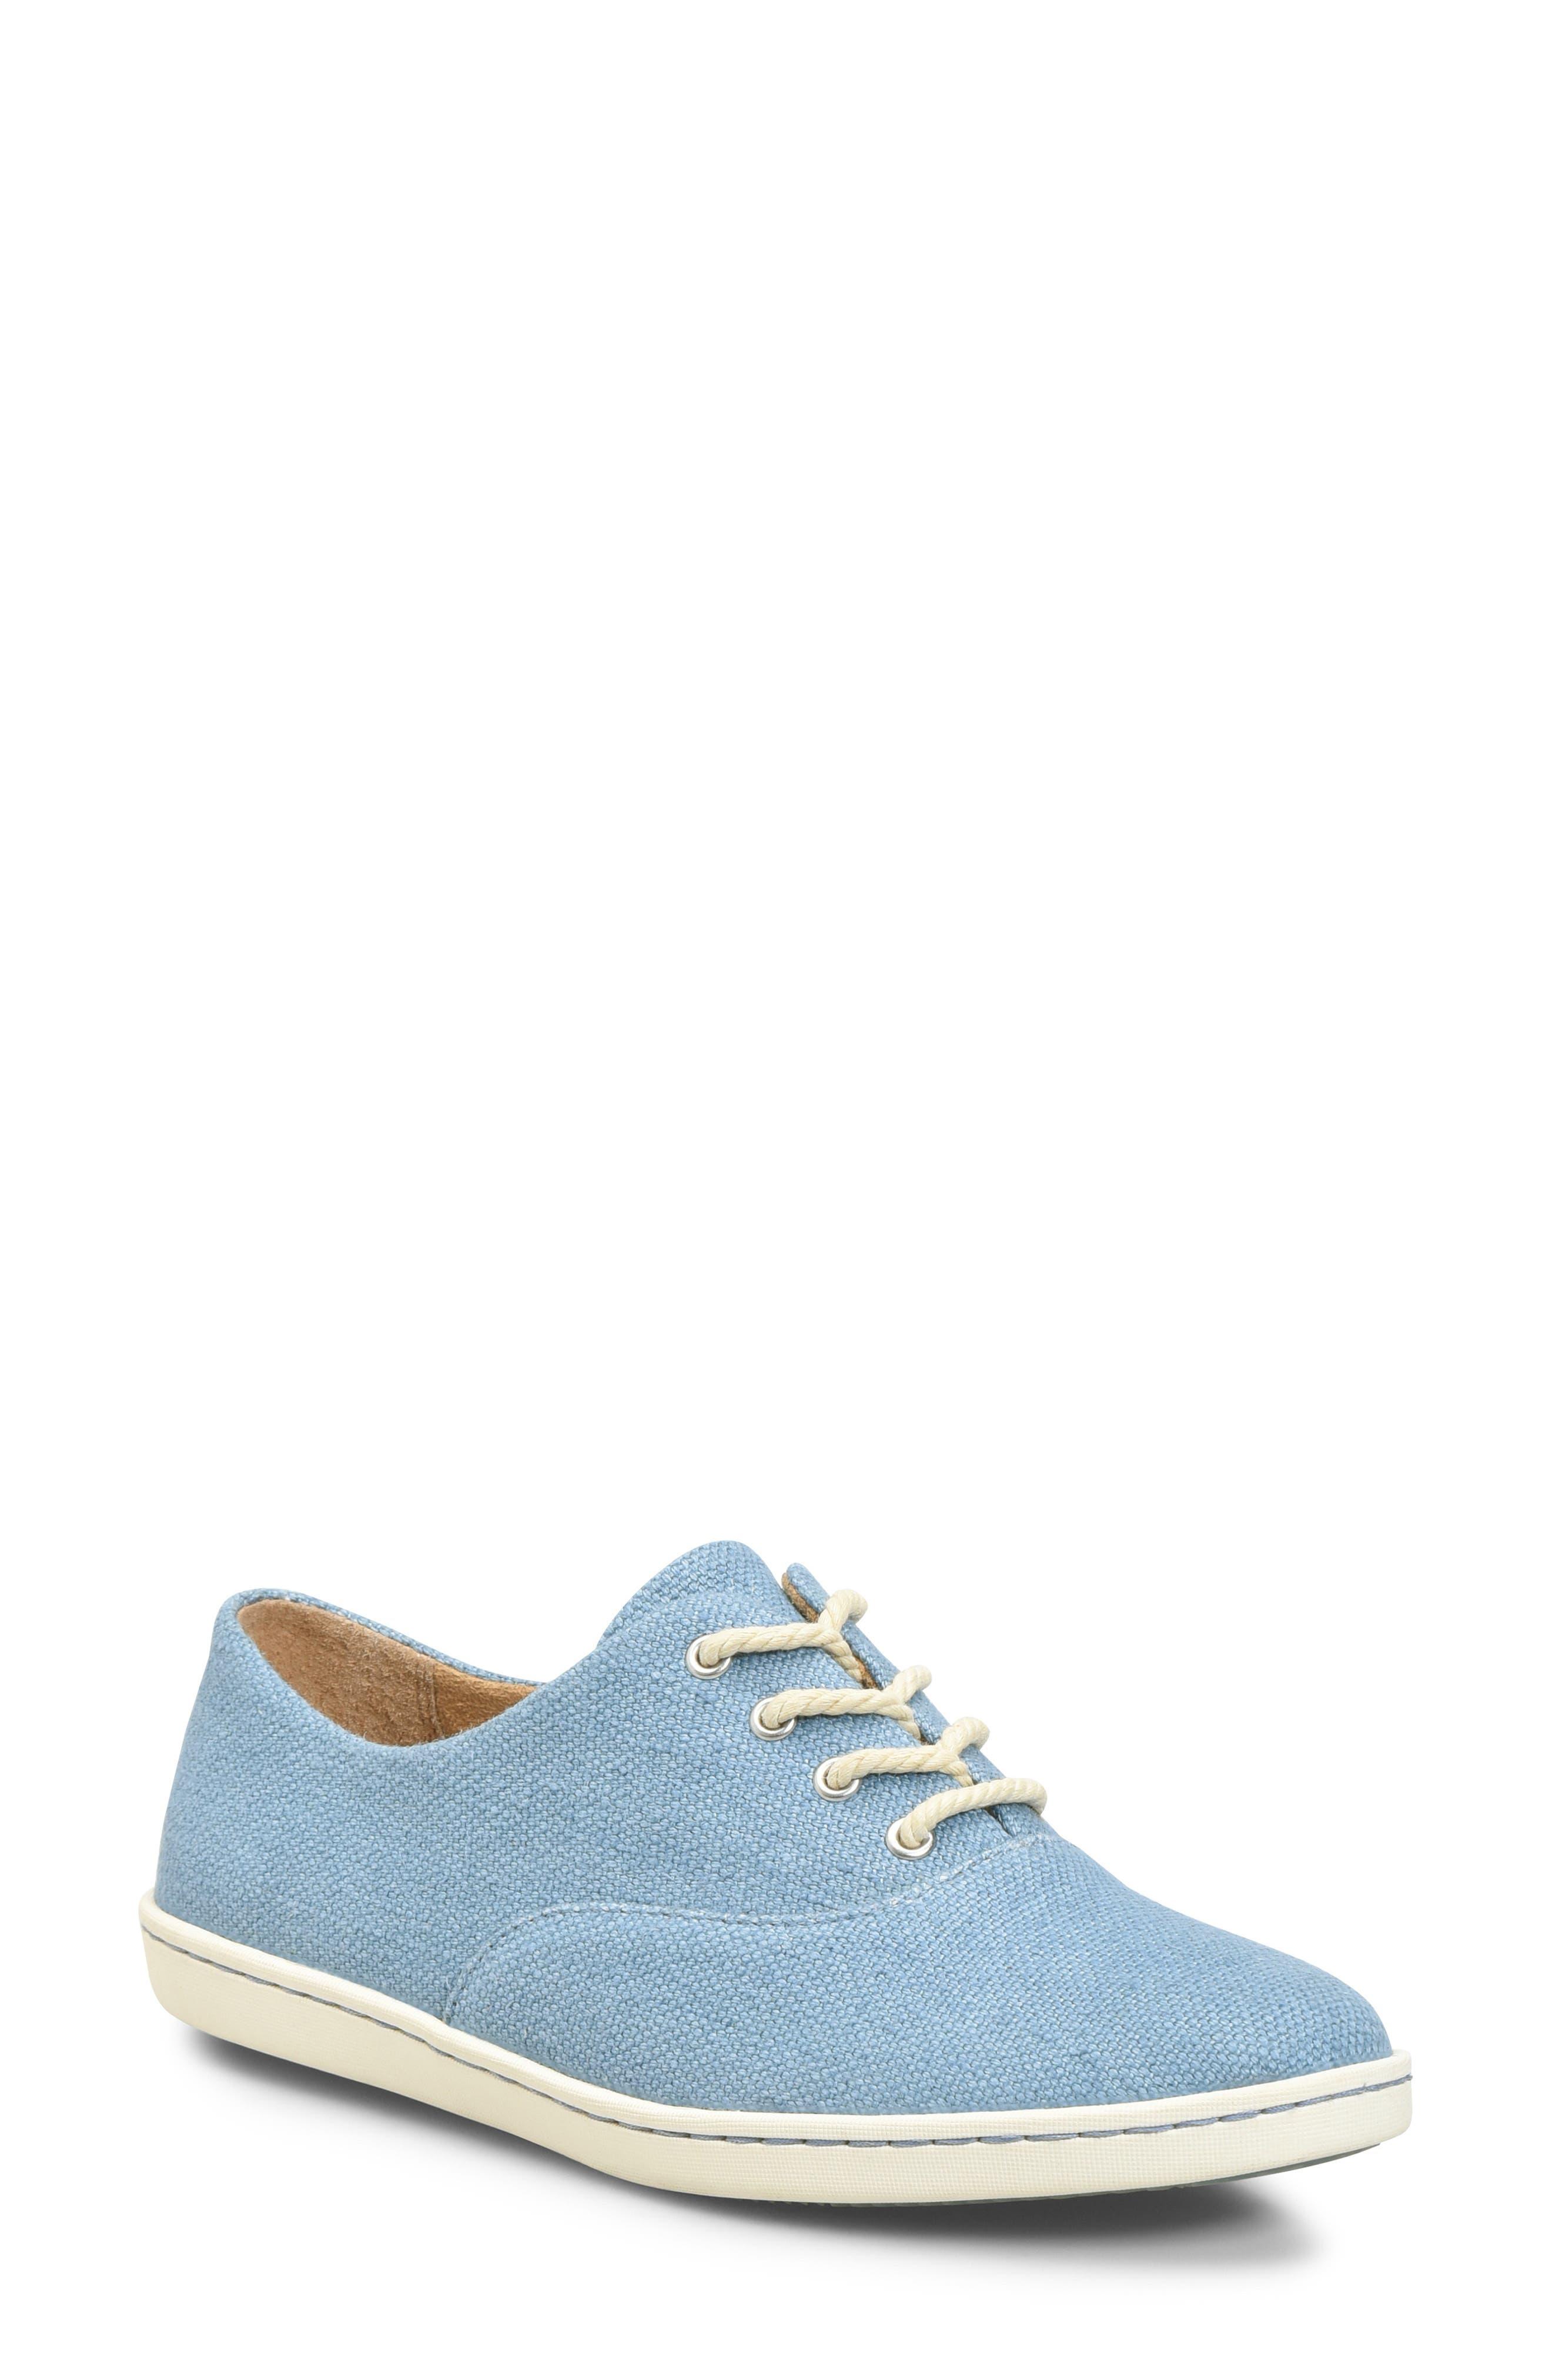 B?rn Dampney Low Top Sneaker, Blue